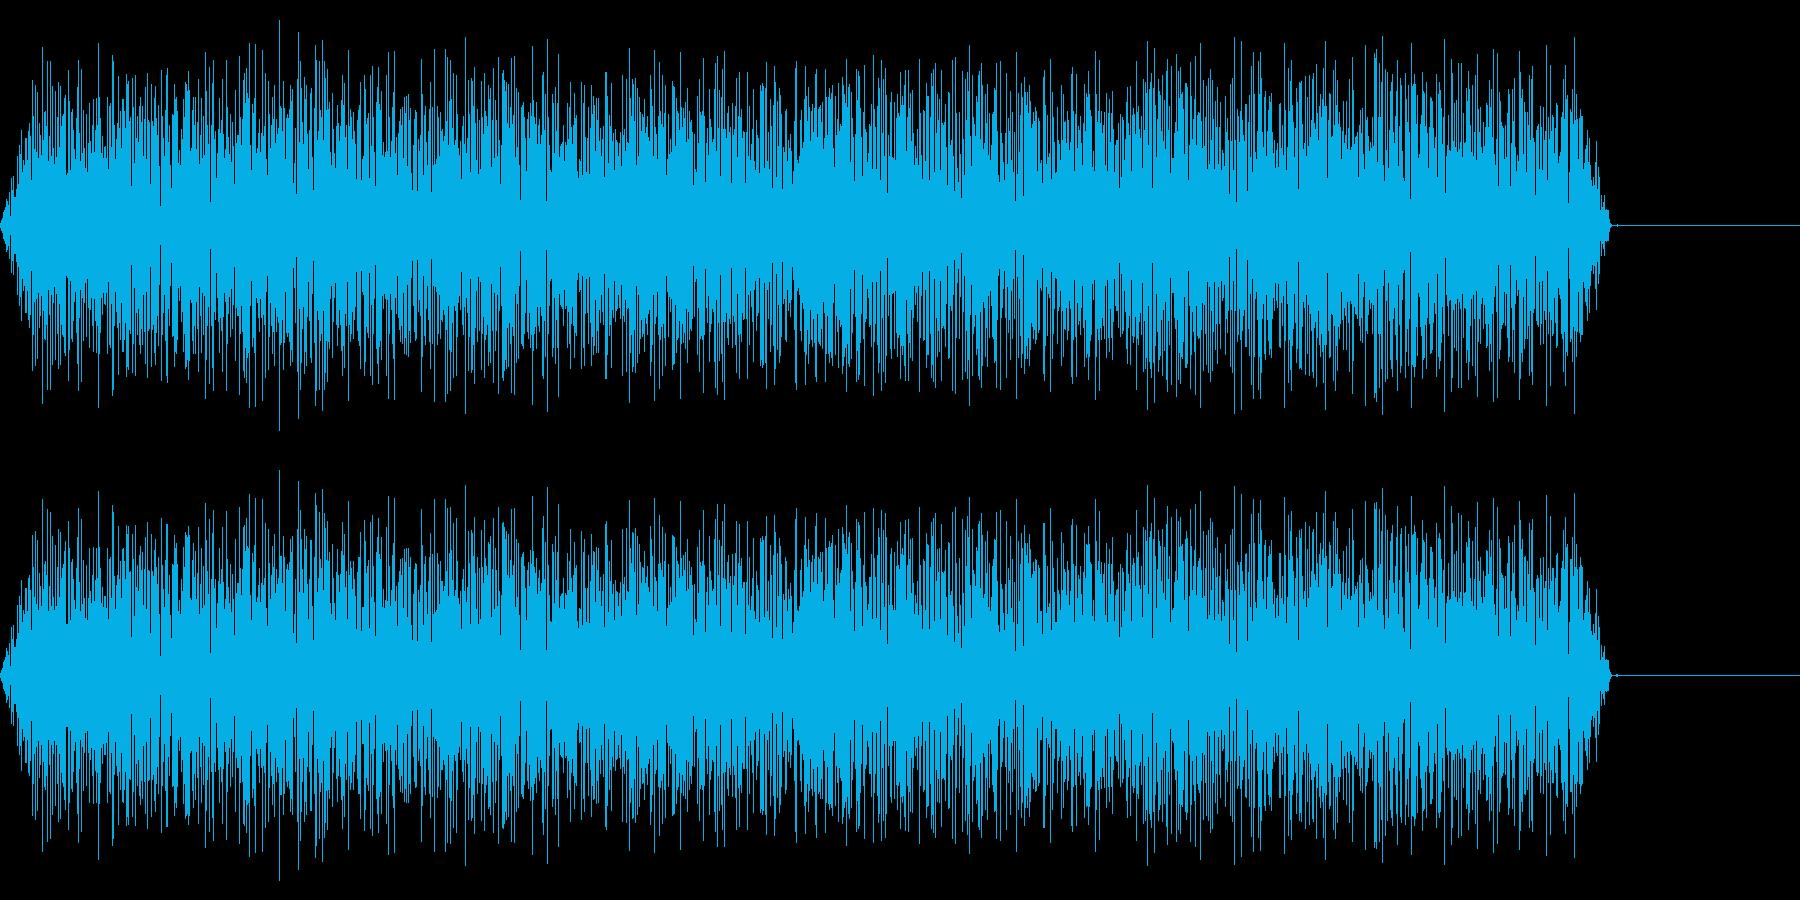 ゴォー ゴボボボ 爆発 破壊の再生済みの波形